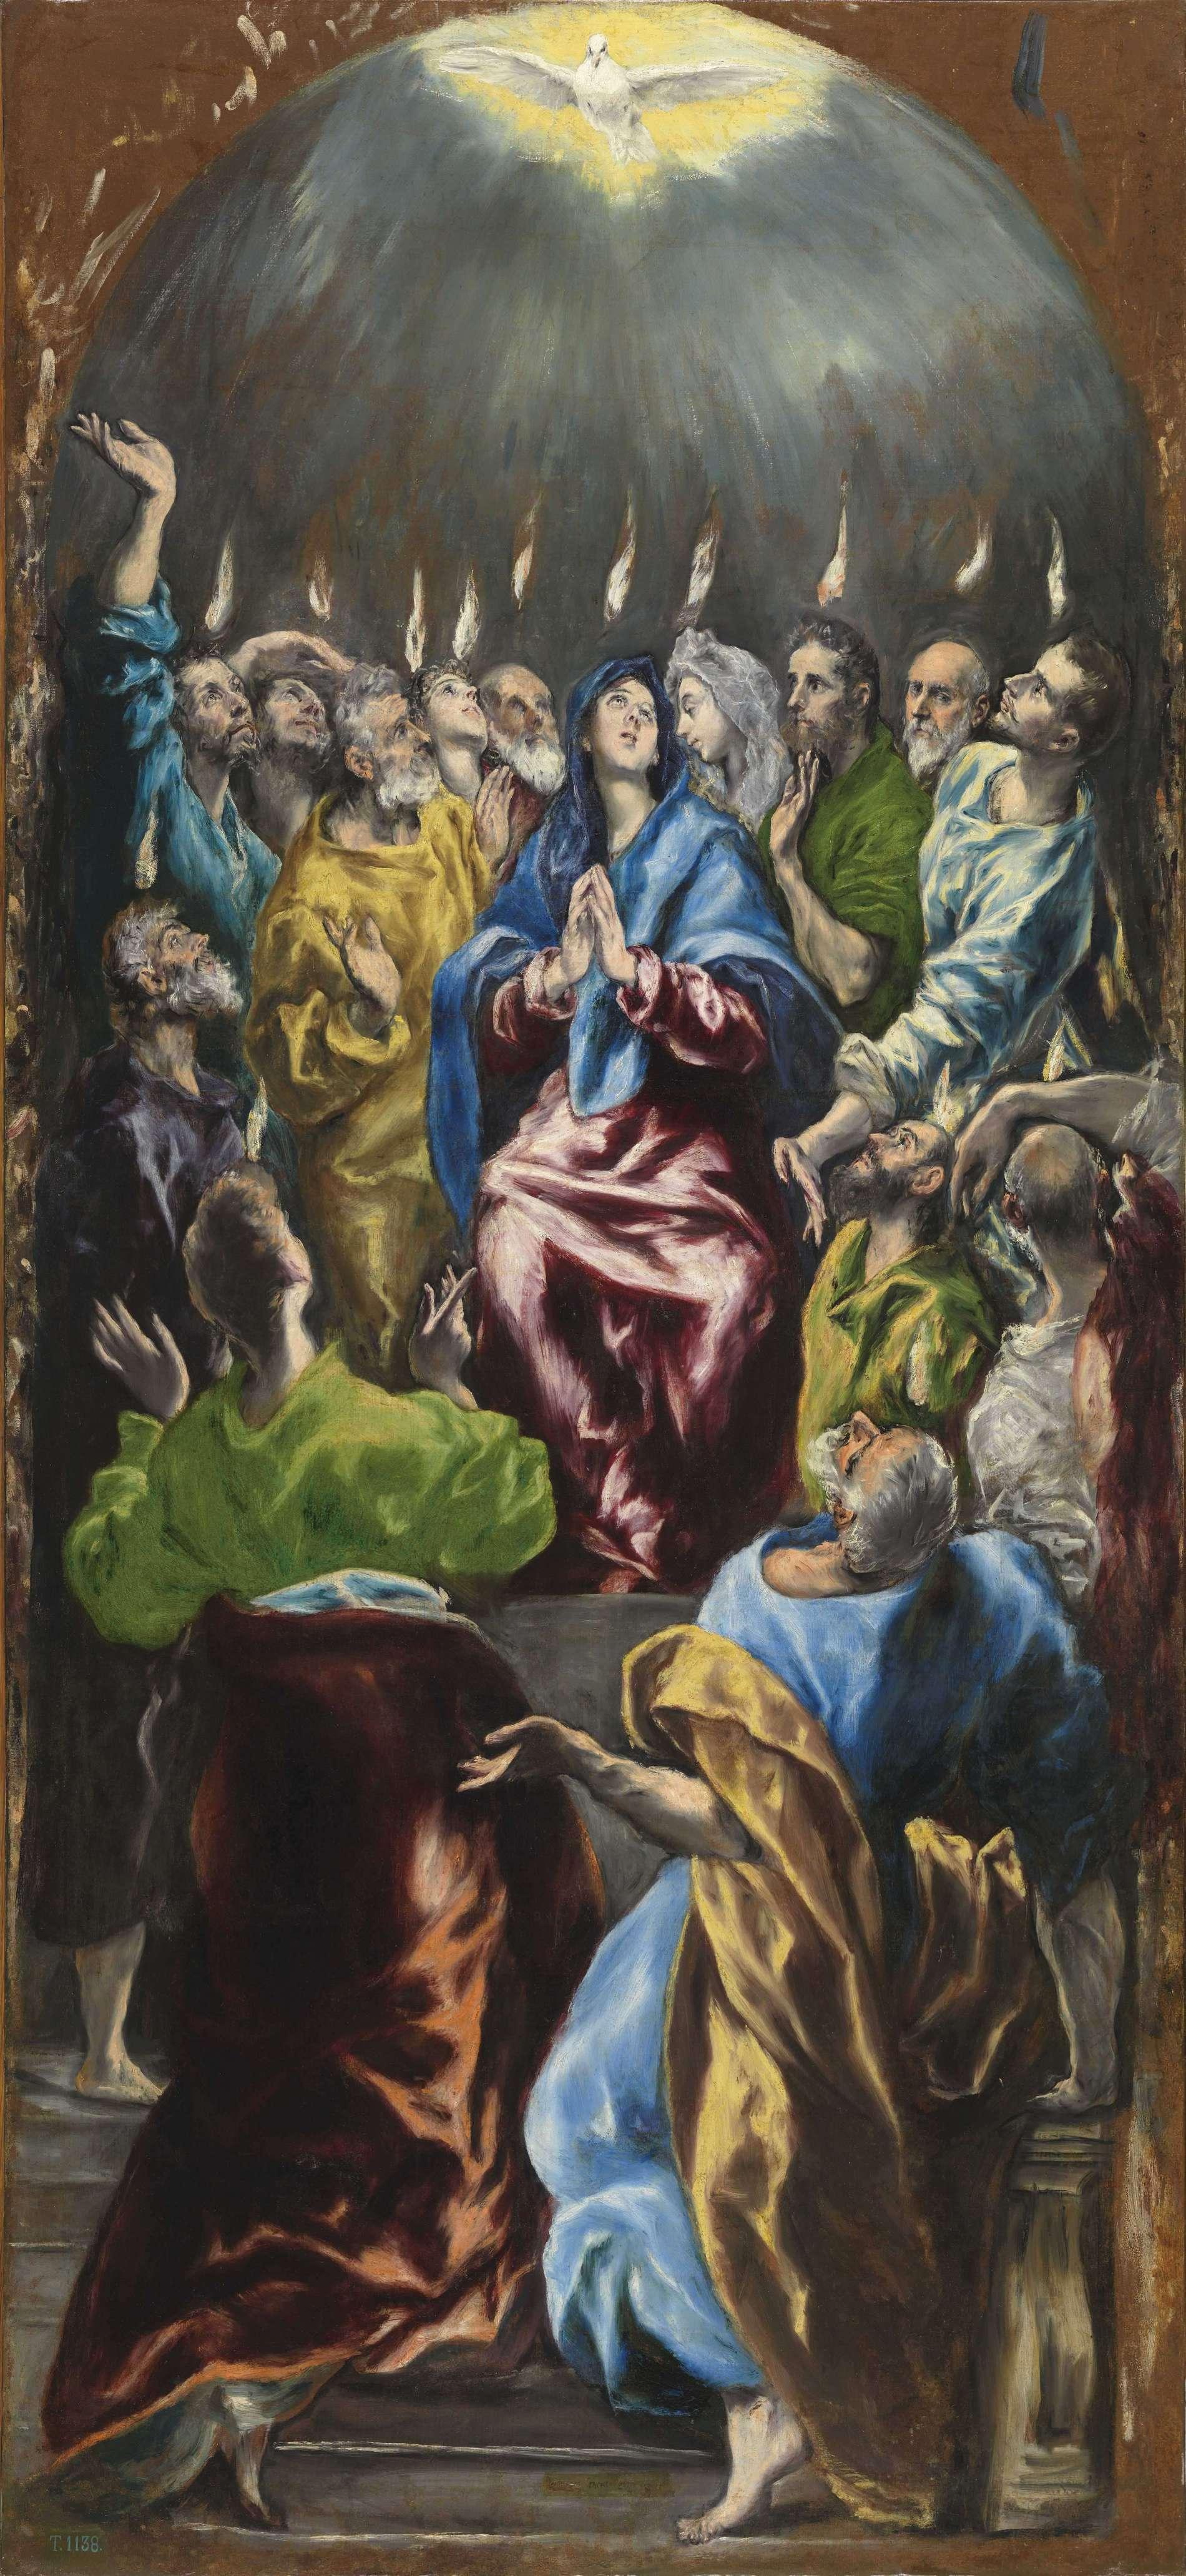 El Greco (1541–1614), Pentecostés, ca. 1600 Olieverf op doek, 275 x 127 cm © Photographic Archive. Museo Nacional del Prado. Madrid